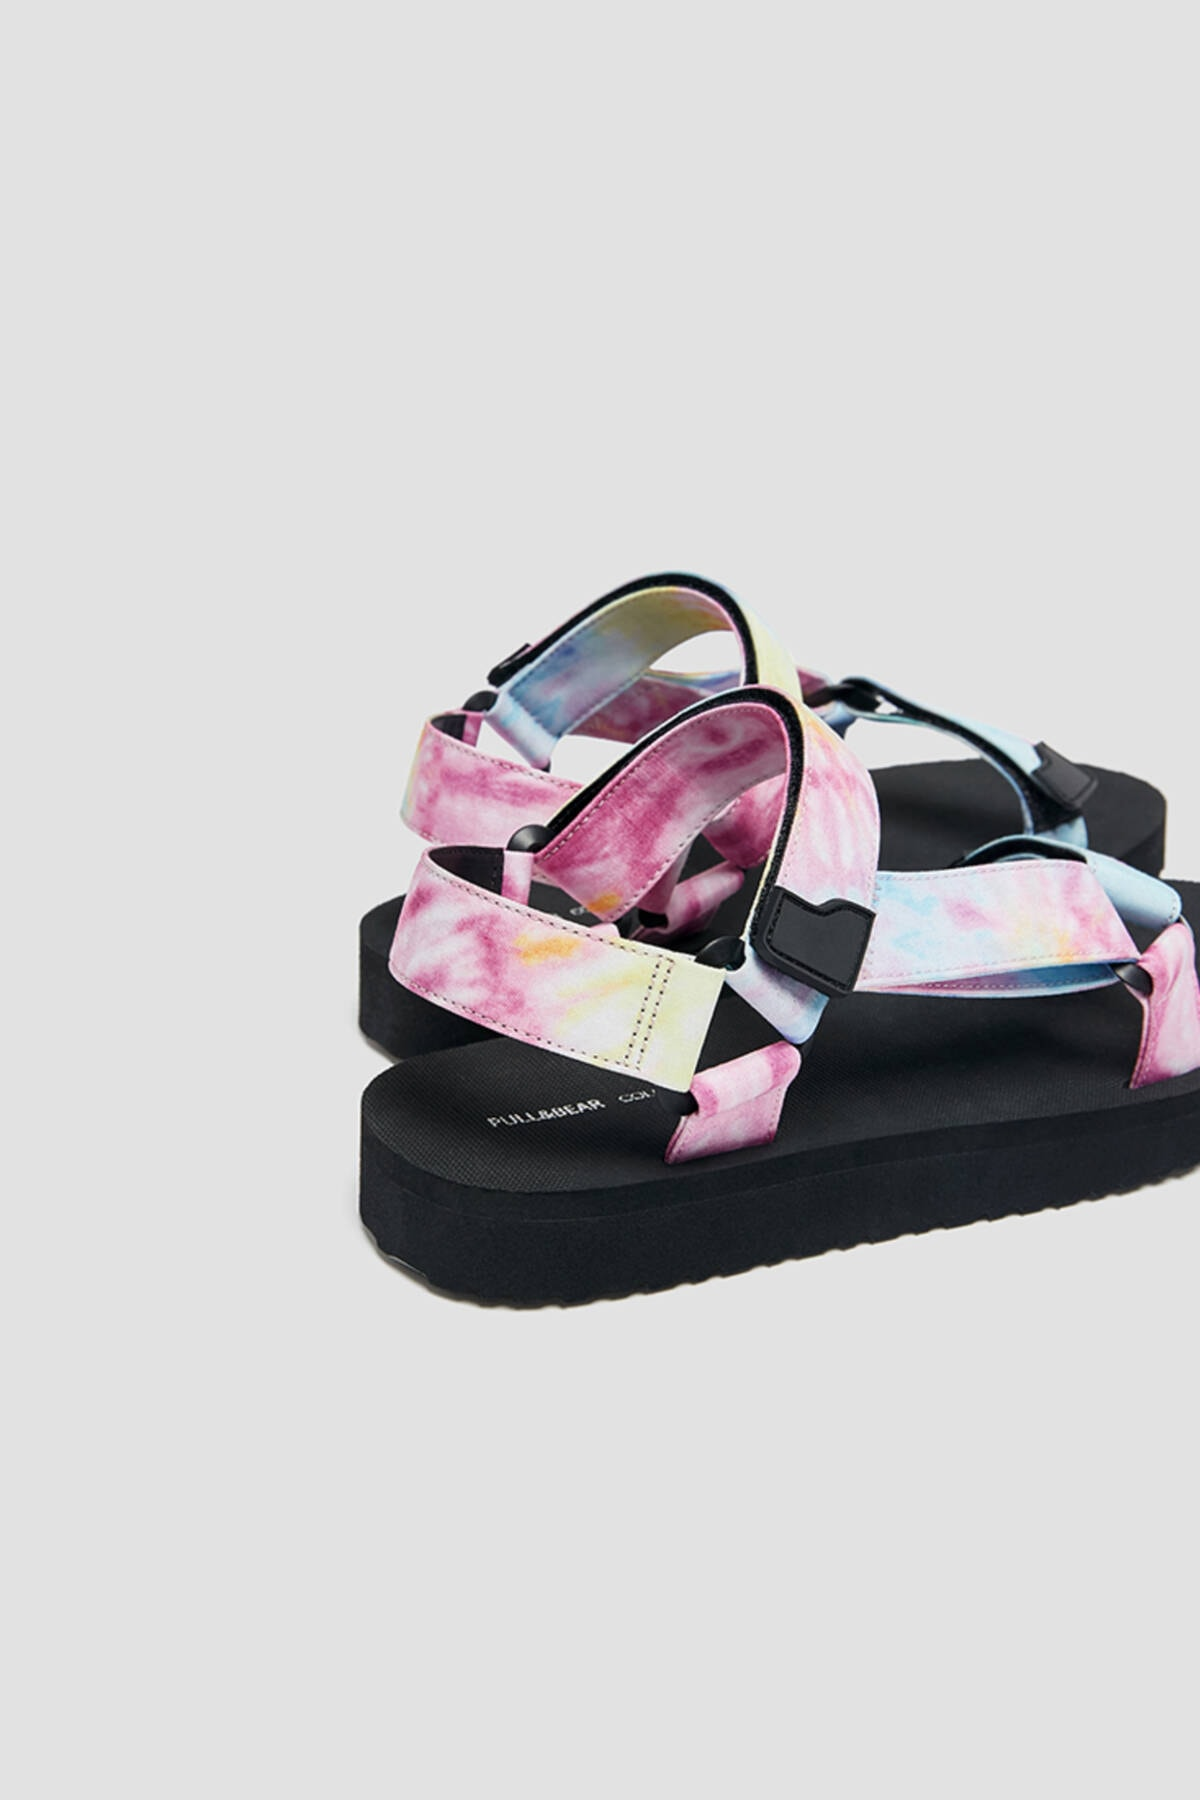 Pull & Bear Kadın Renkli Düz Bantlı Ve Tokalı Batik Desenli Sandalet 11704740 3